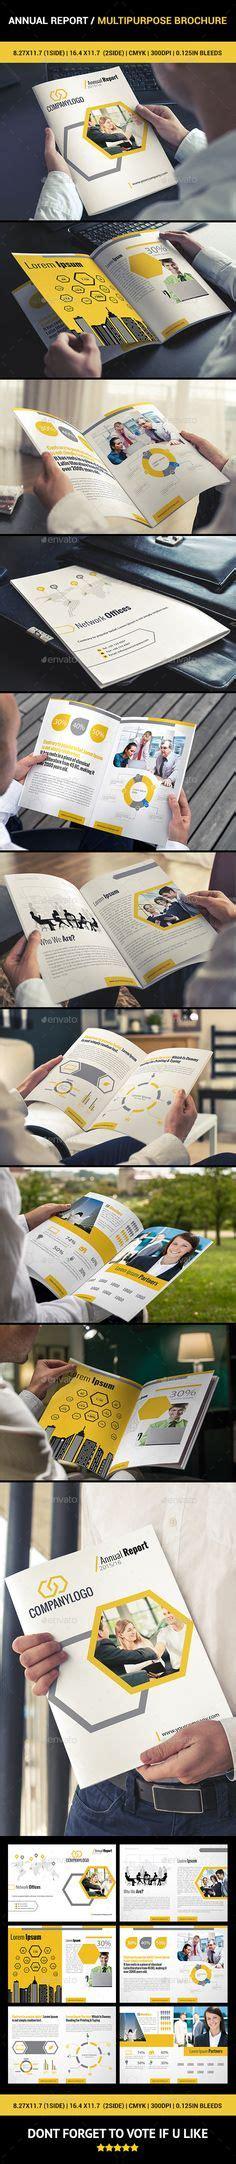 hajj umrah travel tours brochure more corporate brochure